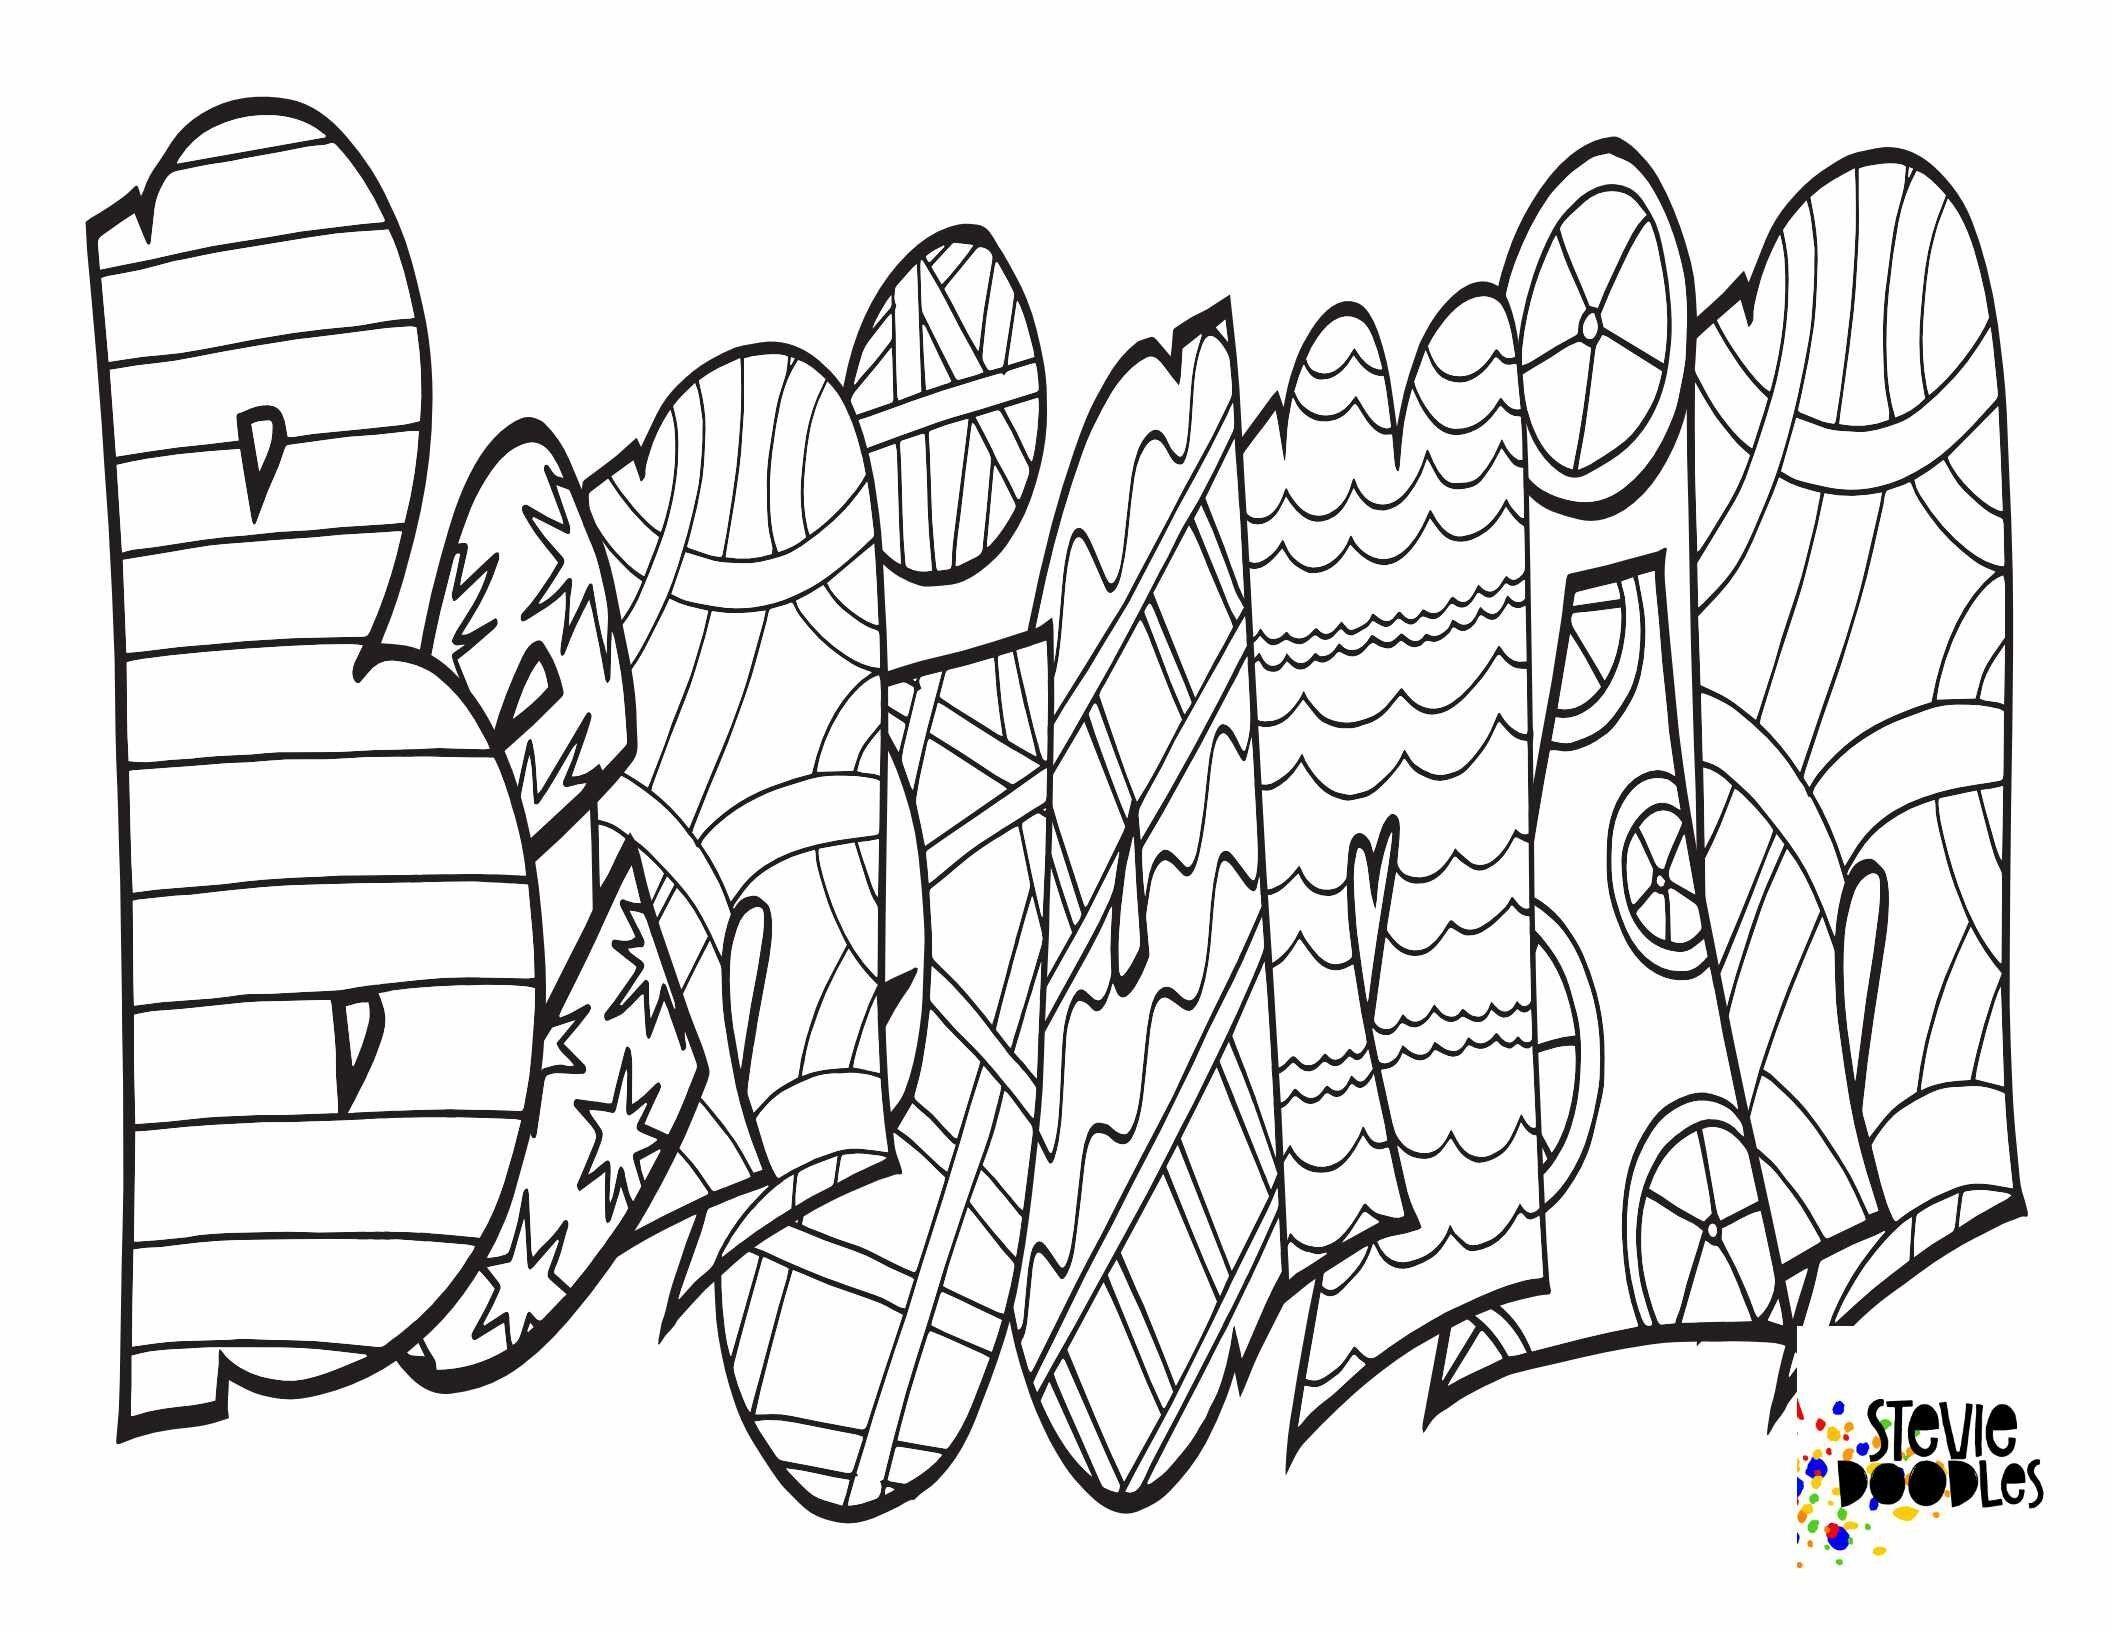 Benjamin Free Custom Name Printable Coloring Page Stevie Doodles Name Coloring Pages Coloring Pages Free Coloring Pages